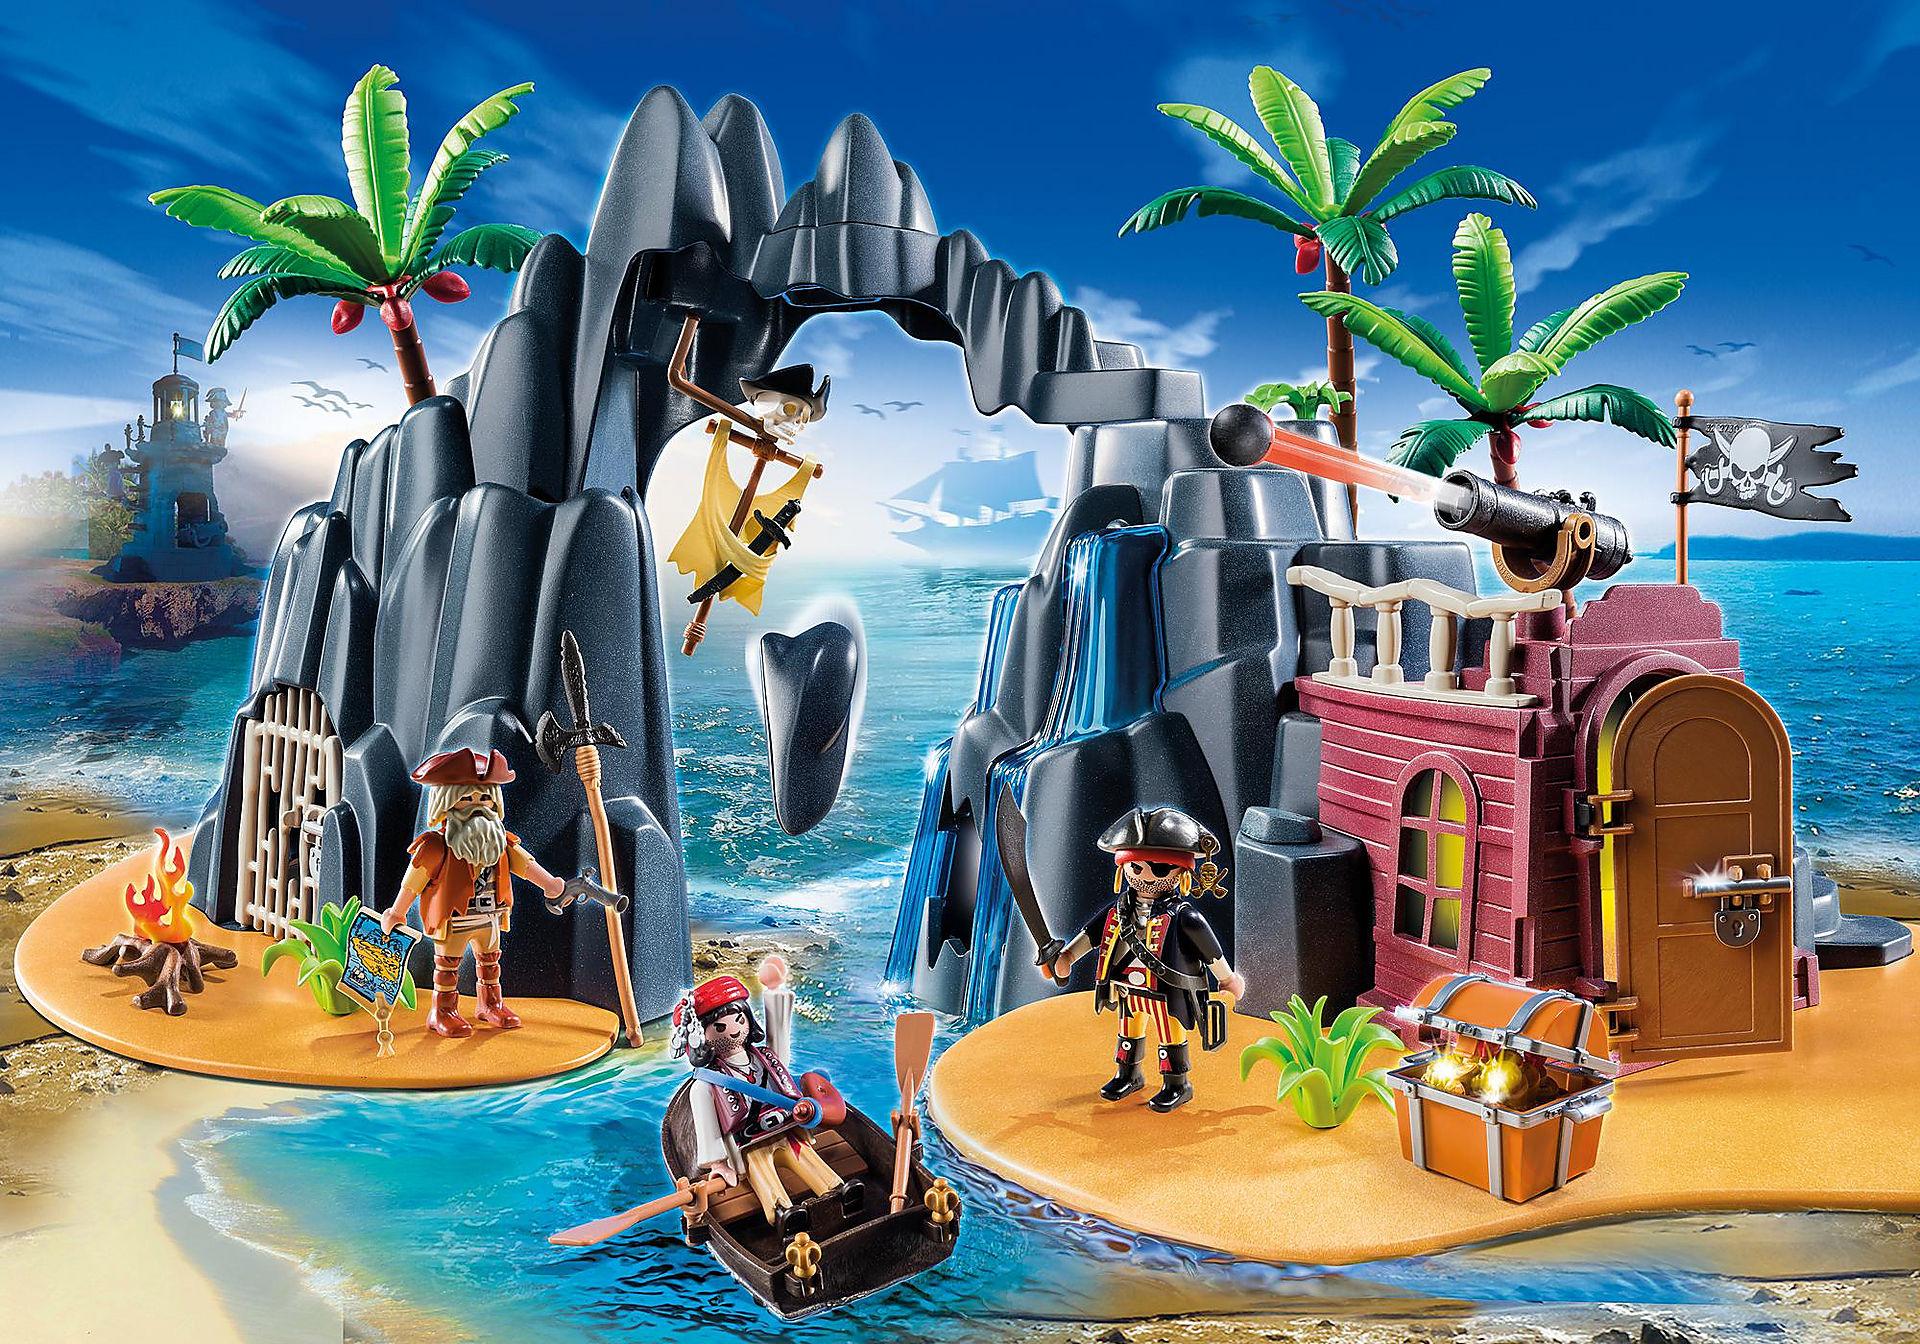 6679 Piracka wyspa skarbów zoom image1